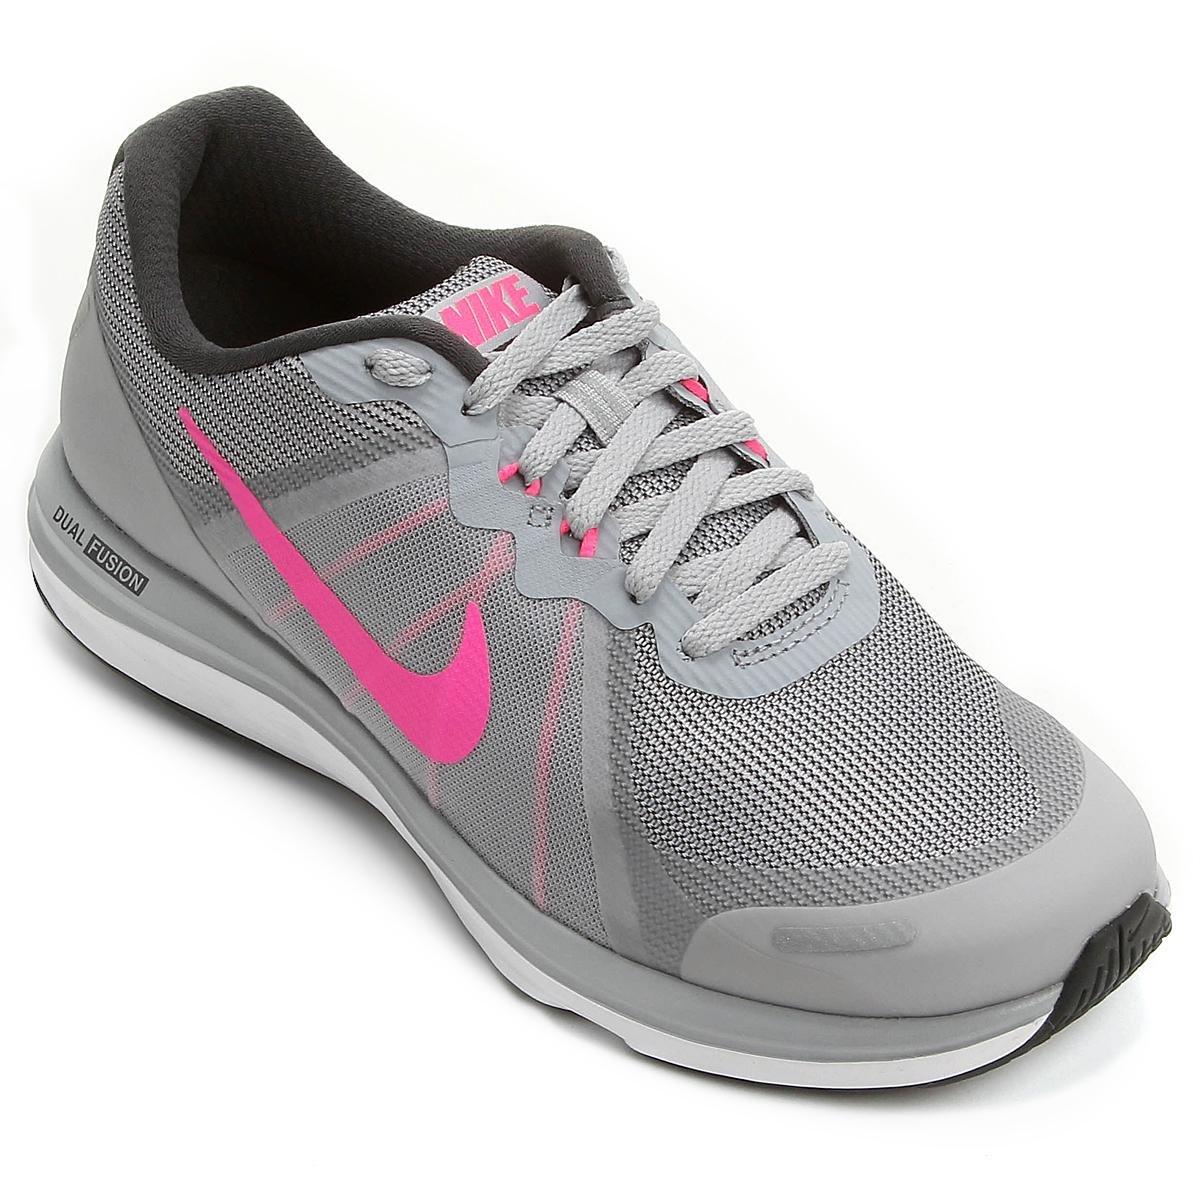 30444e5165e Tênis Nike Dual Fusion X 2 Feminino - Compre Agora